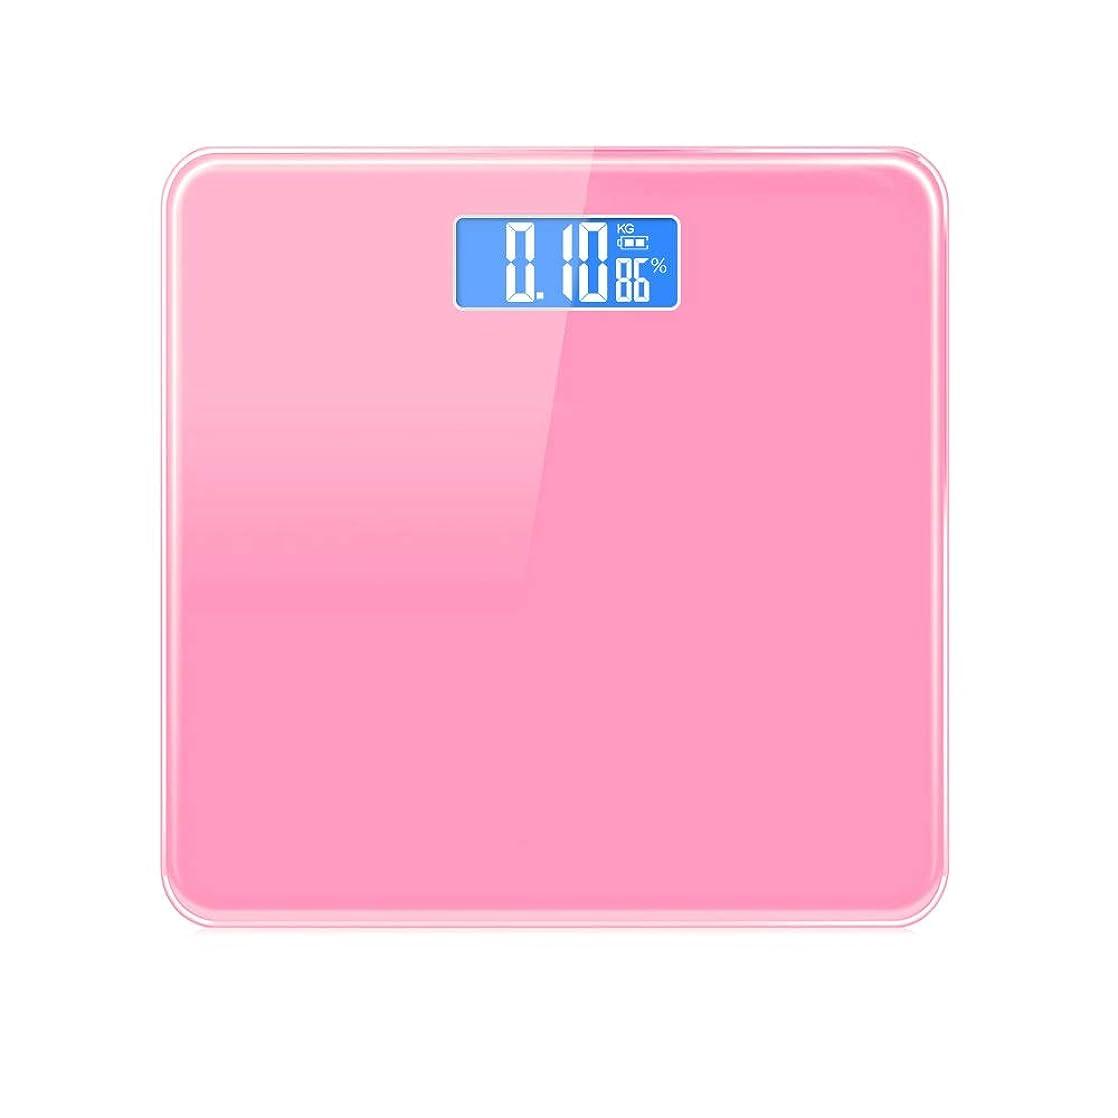 民主党フリンジパンXF 体重計?体脂肪計 電子体重計 - インテリジェント精密電子体重計ブルースクリーンナイトビジョン室内温度体重減少体重計女性寮 測定器 (色 : Pink)